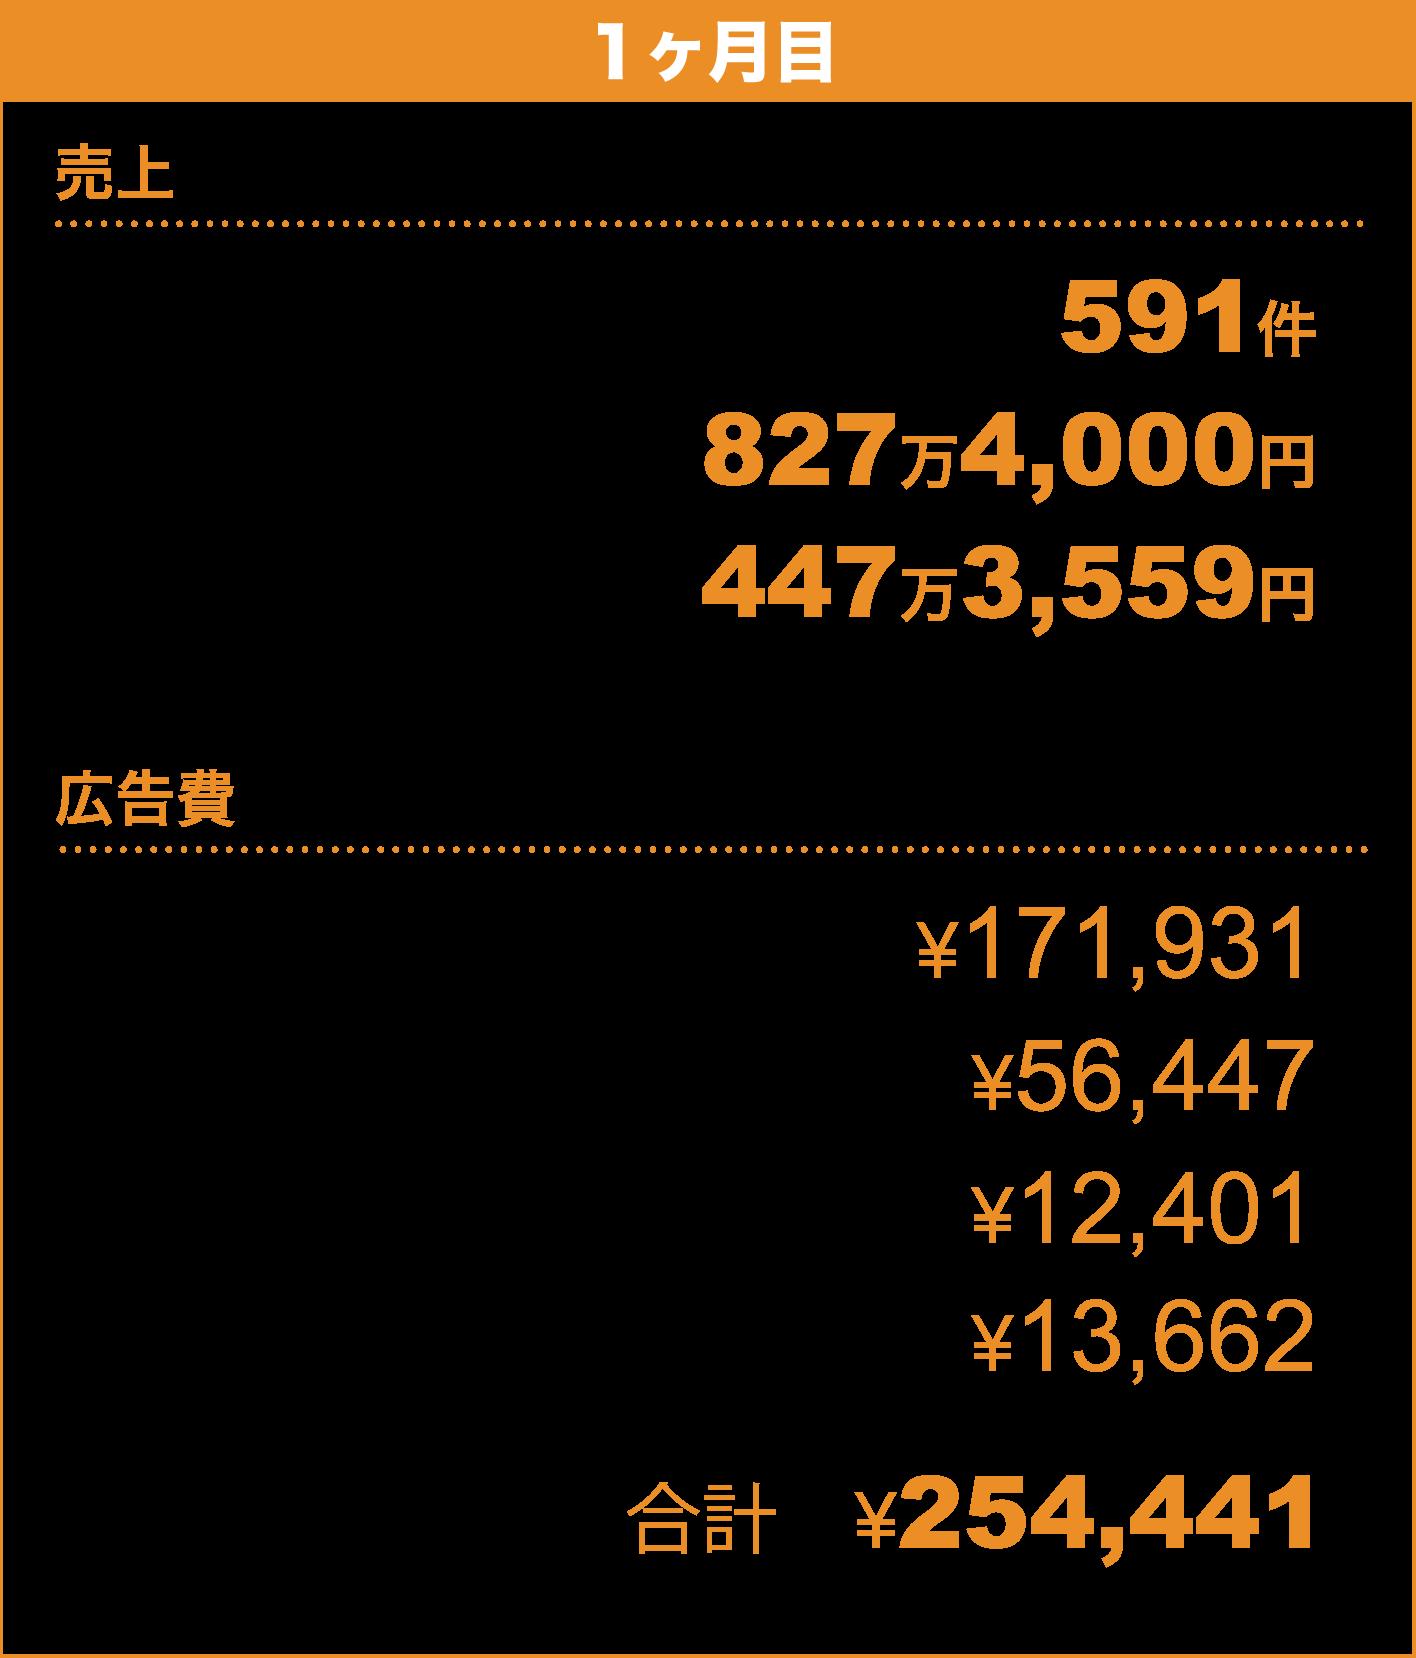 【1ヶ月目】〈売上〉売上件数 591件/売上額 827万4,000円/粗利 447万3,559円〈広告費〉Facebook広告 ¥171,931/GoogleAdwords ¥56,447/Yahoo!スポンサードサーチ ¥12,401/YDN ¥13,662/合計 ¥254,441